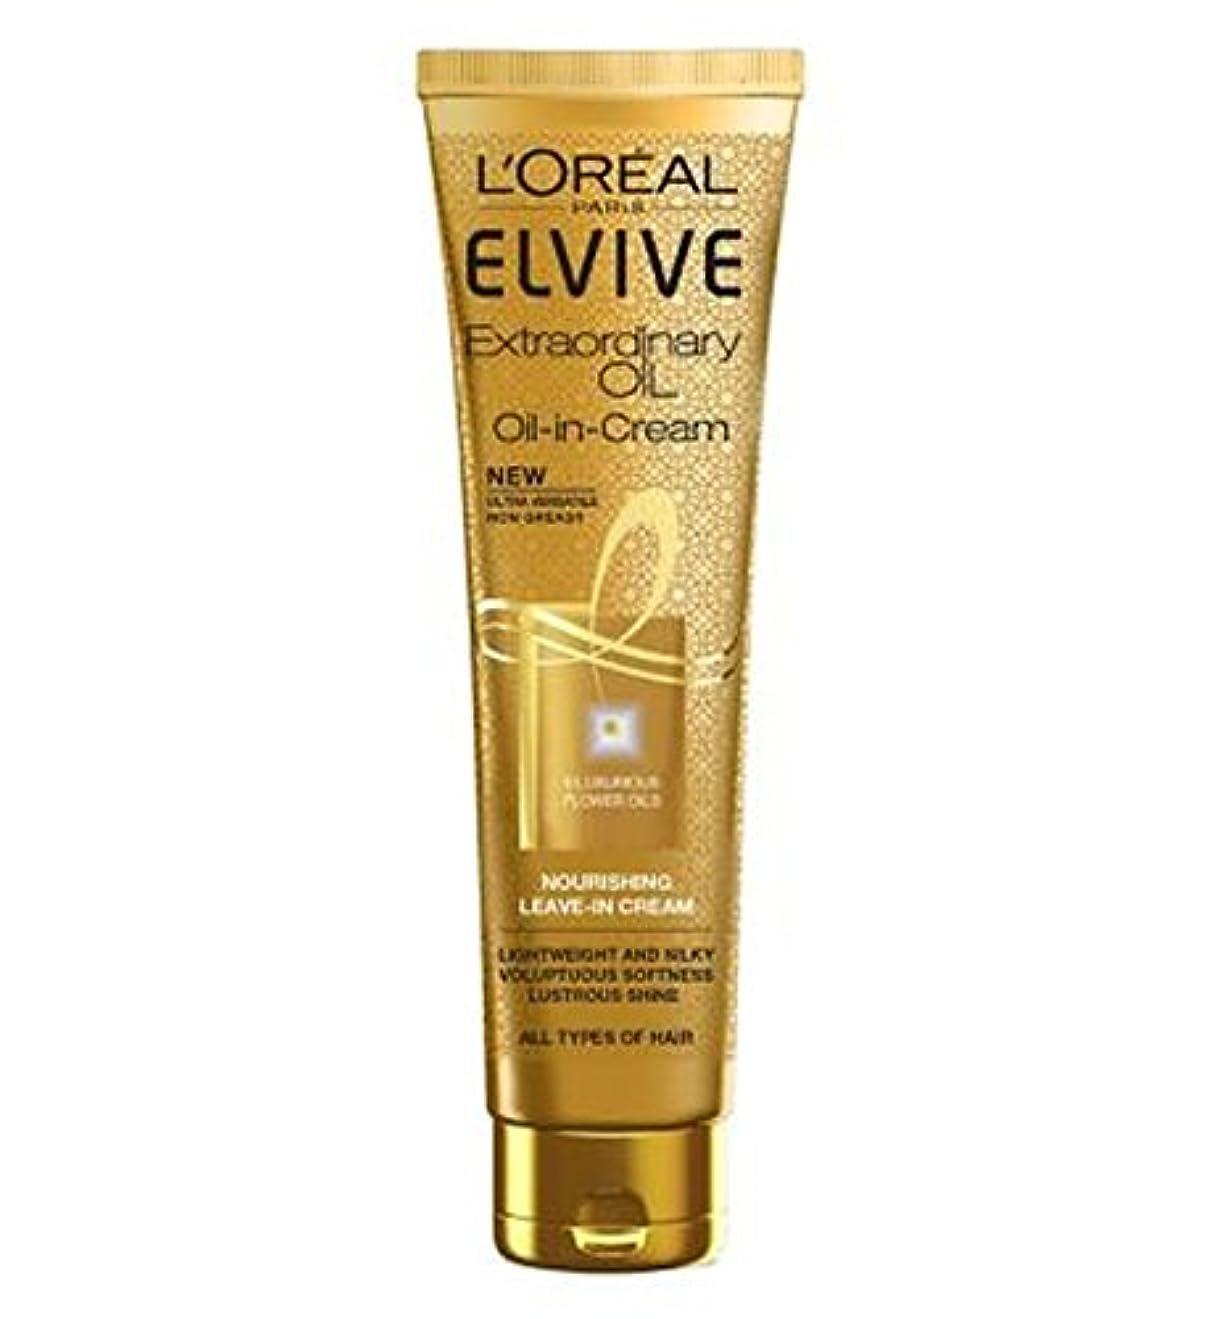 適用済み実現可能割合L'Oreal Paris Elvive Extraordinary Oil in Cream All Hair Types - すべての髪のタイプのクリームでロレアルパリElvive臨時オイル (L'Oreal) [並行輸入品]